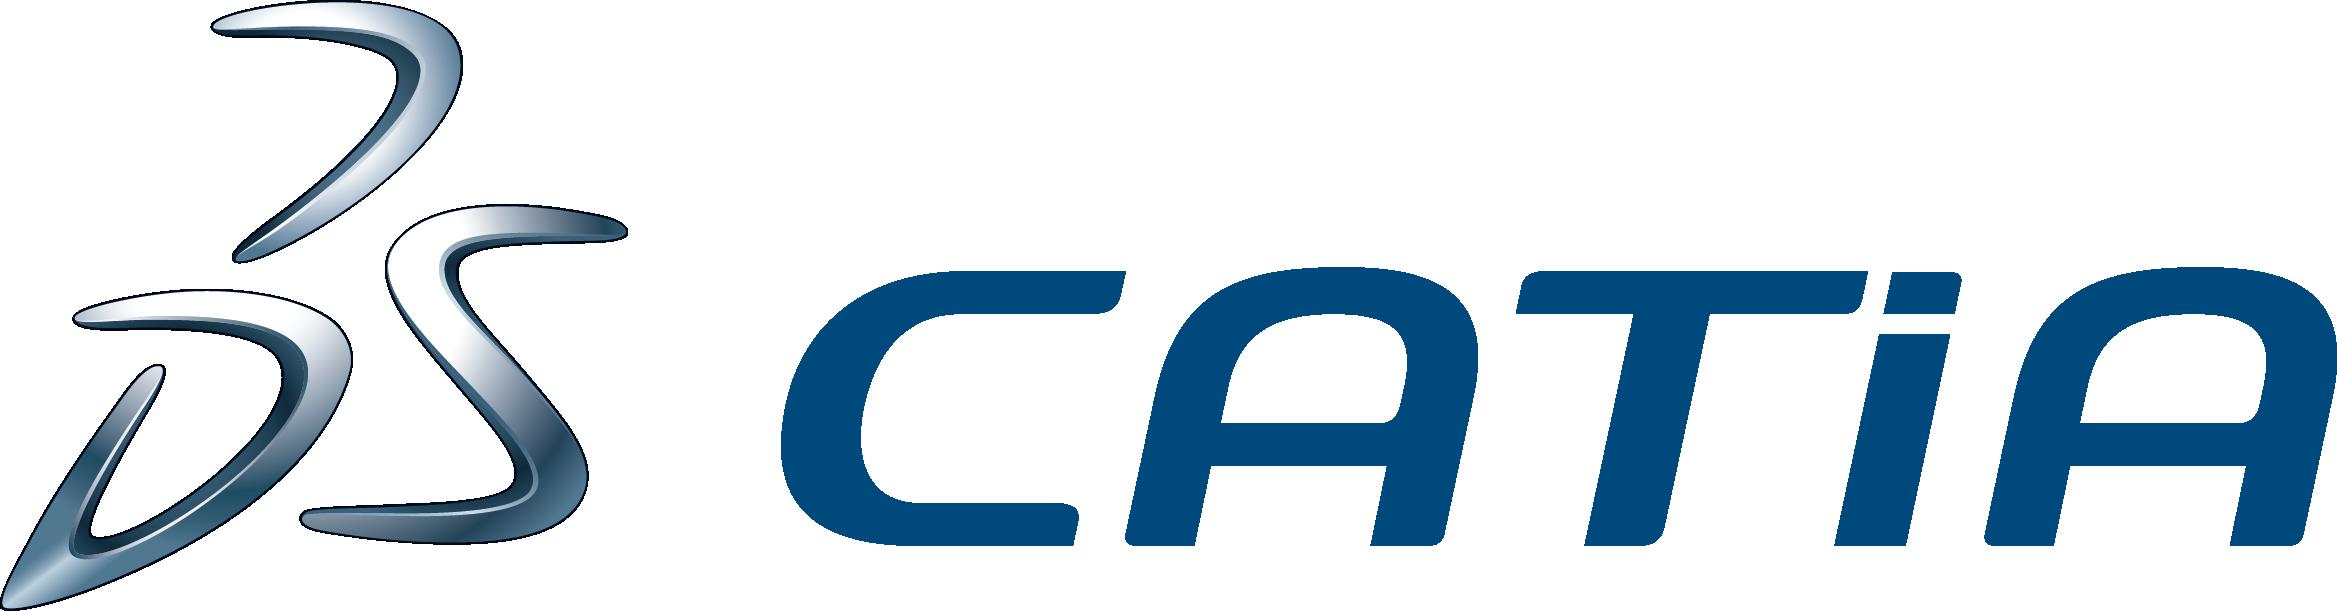 CATIA Logotype progettazione cad